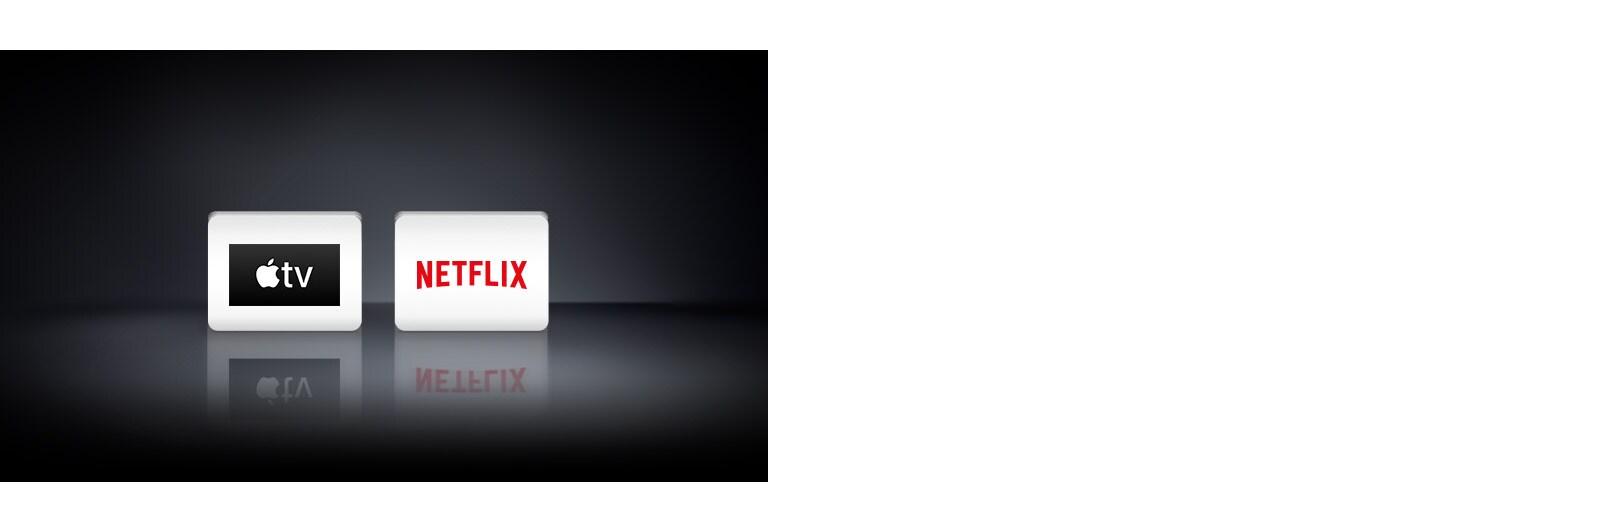 Een logo's: De Apple TV en Netflix